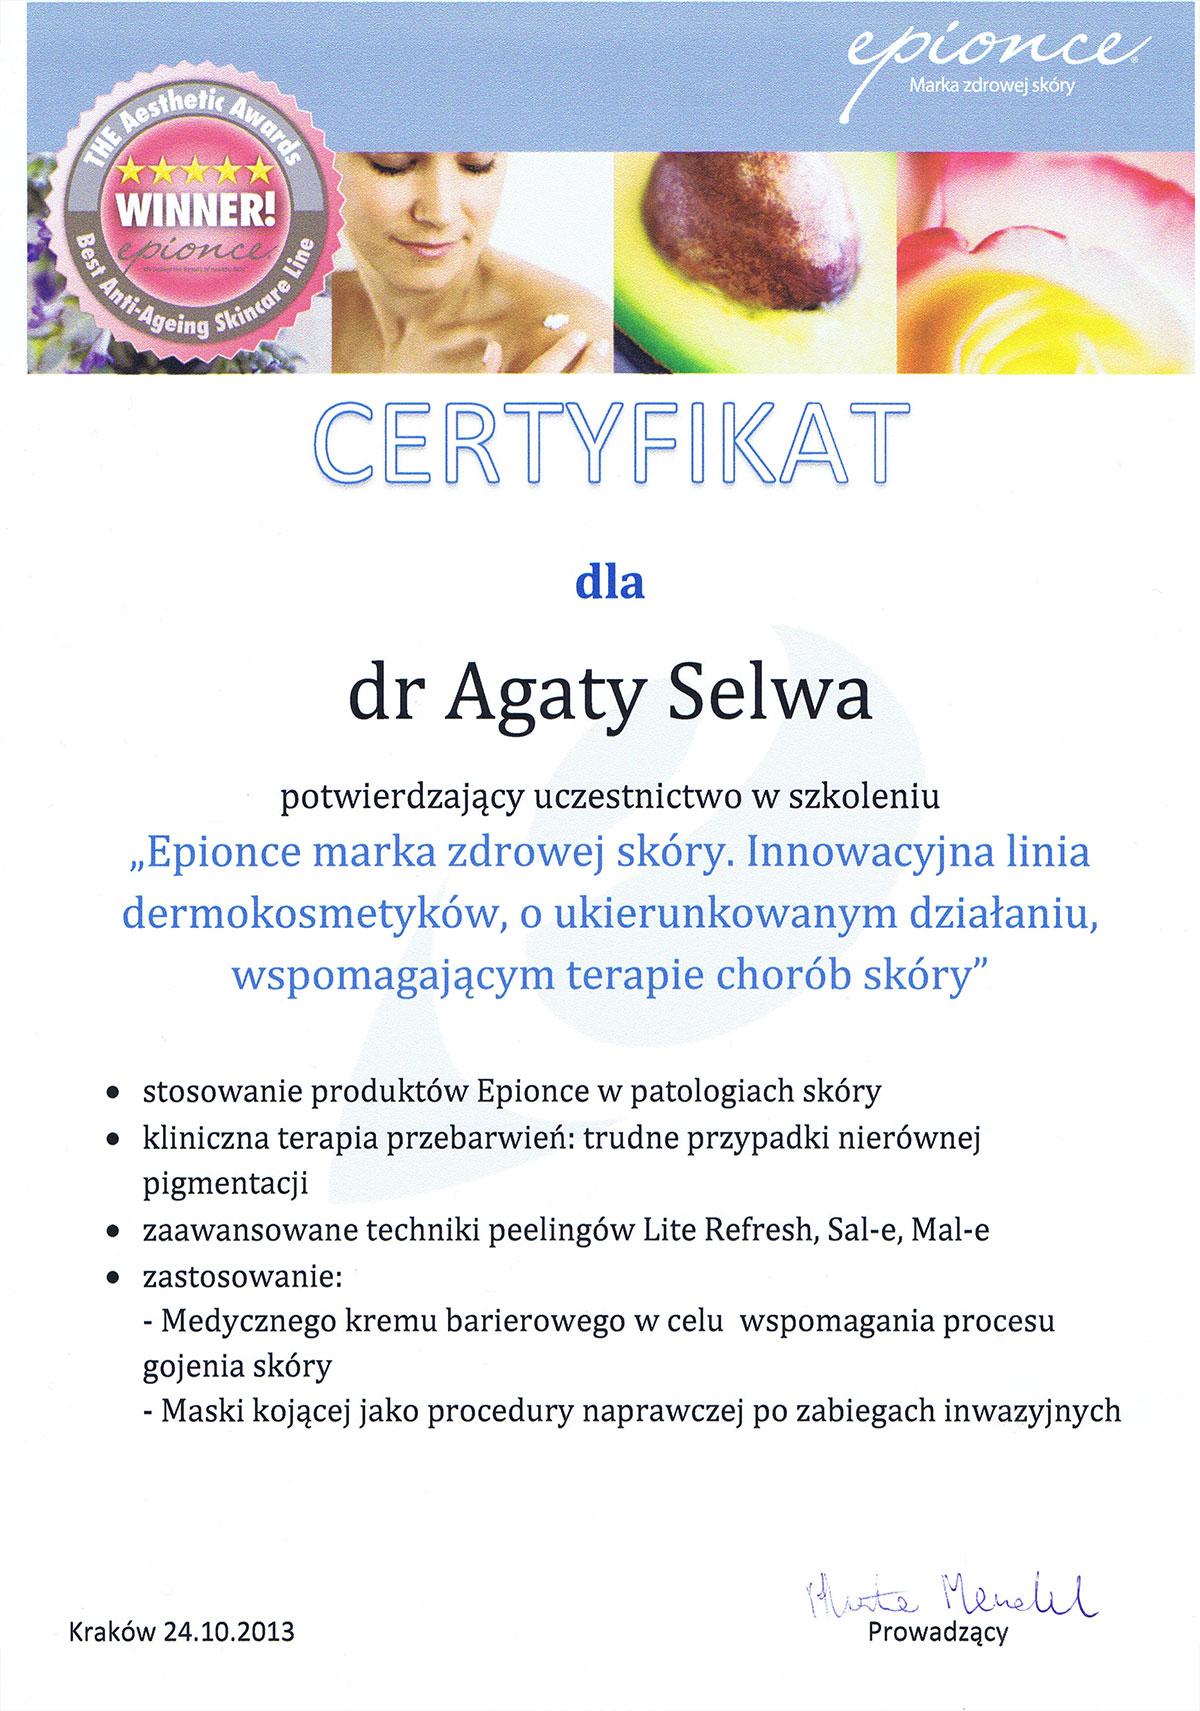 certyfikat3 - O MNIE